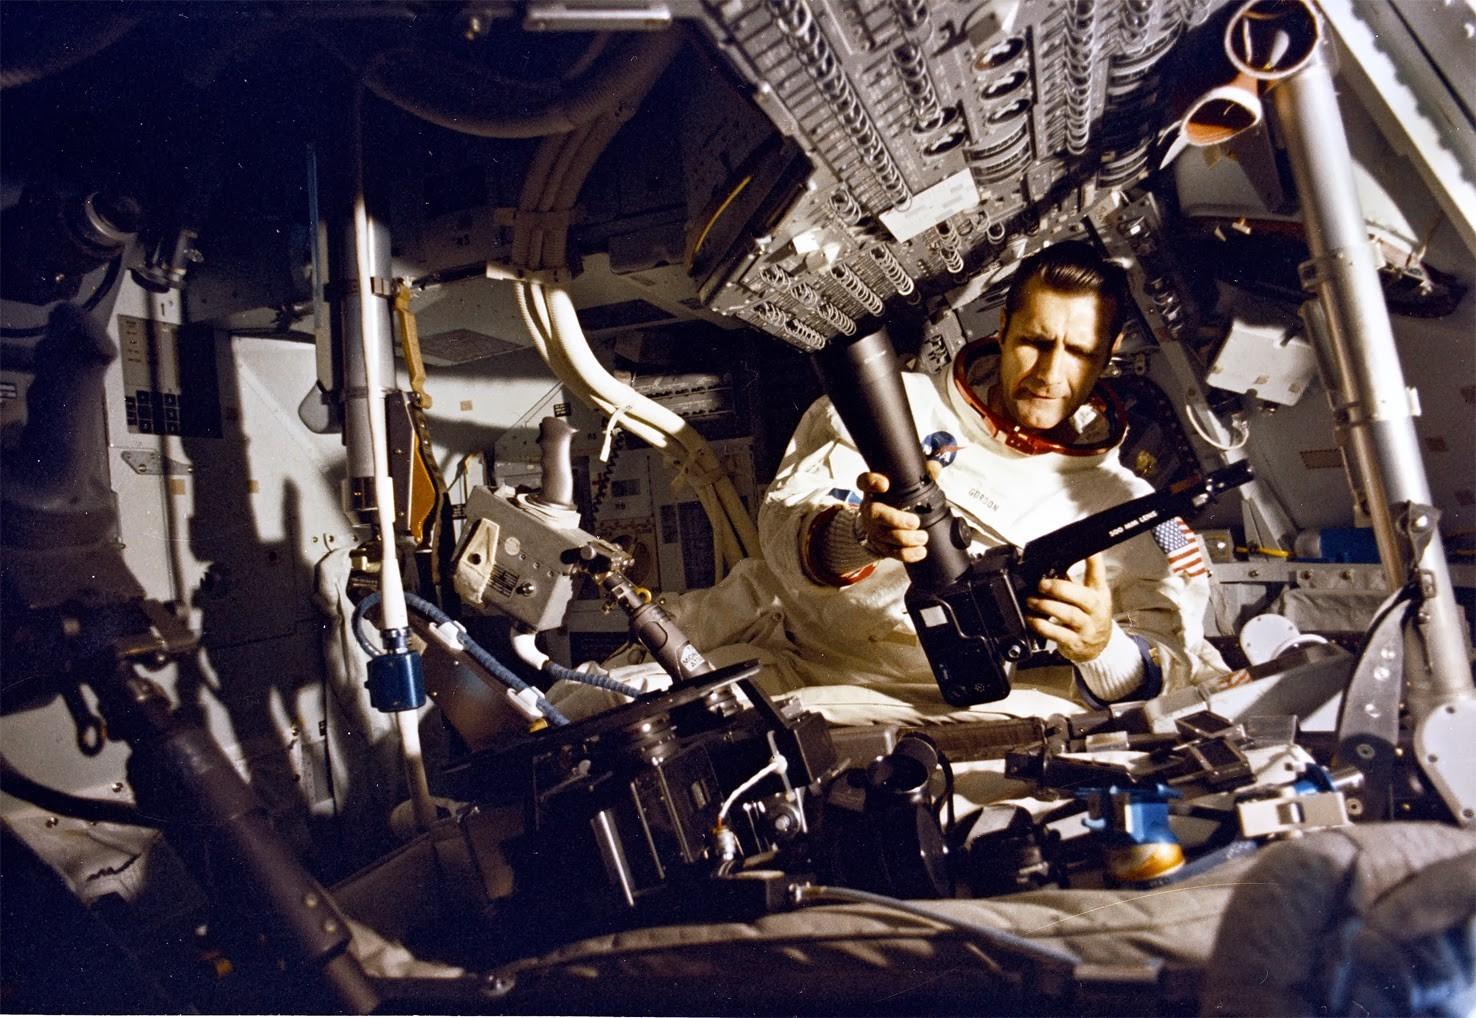 ВСША скончался астронавт Ричард Гордон, облетевший вокруг Луны